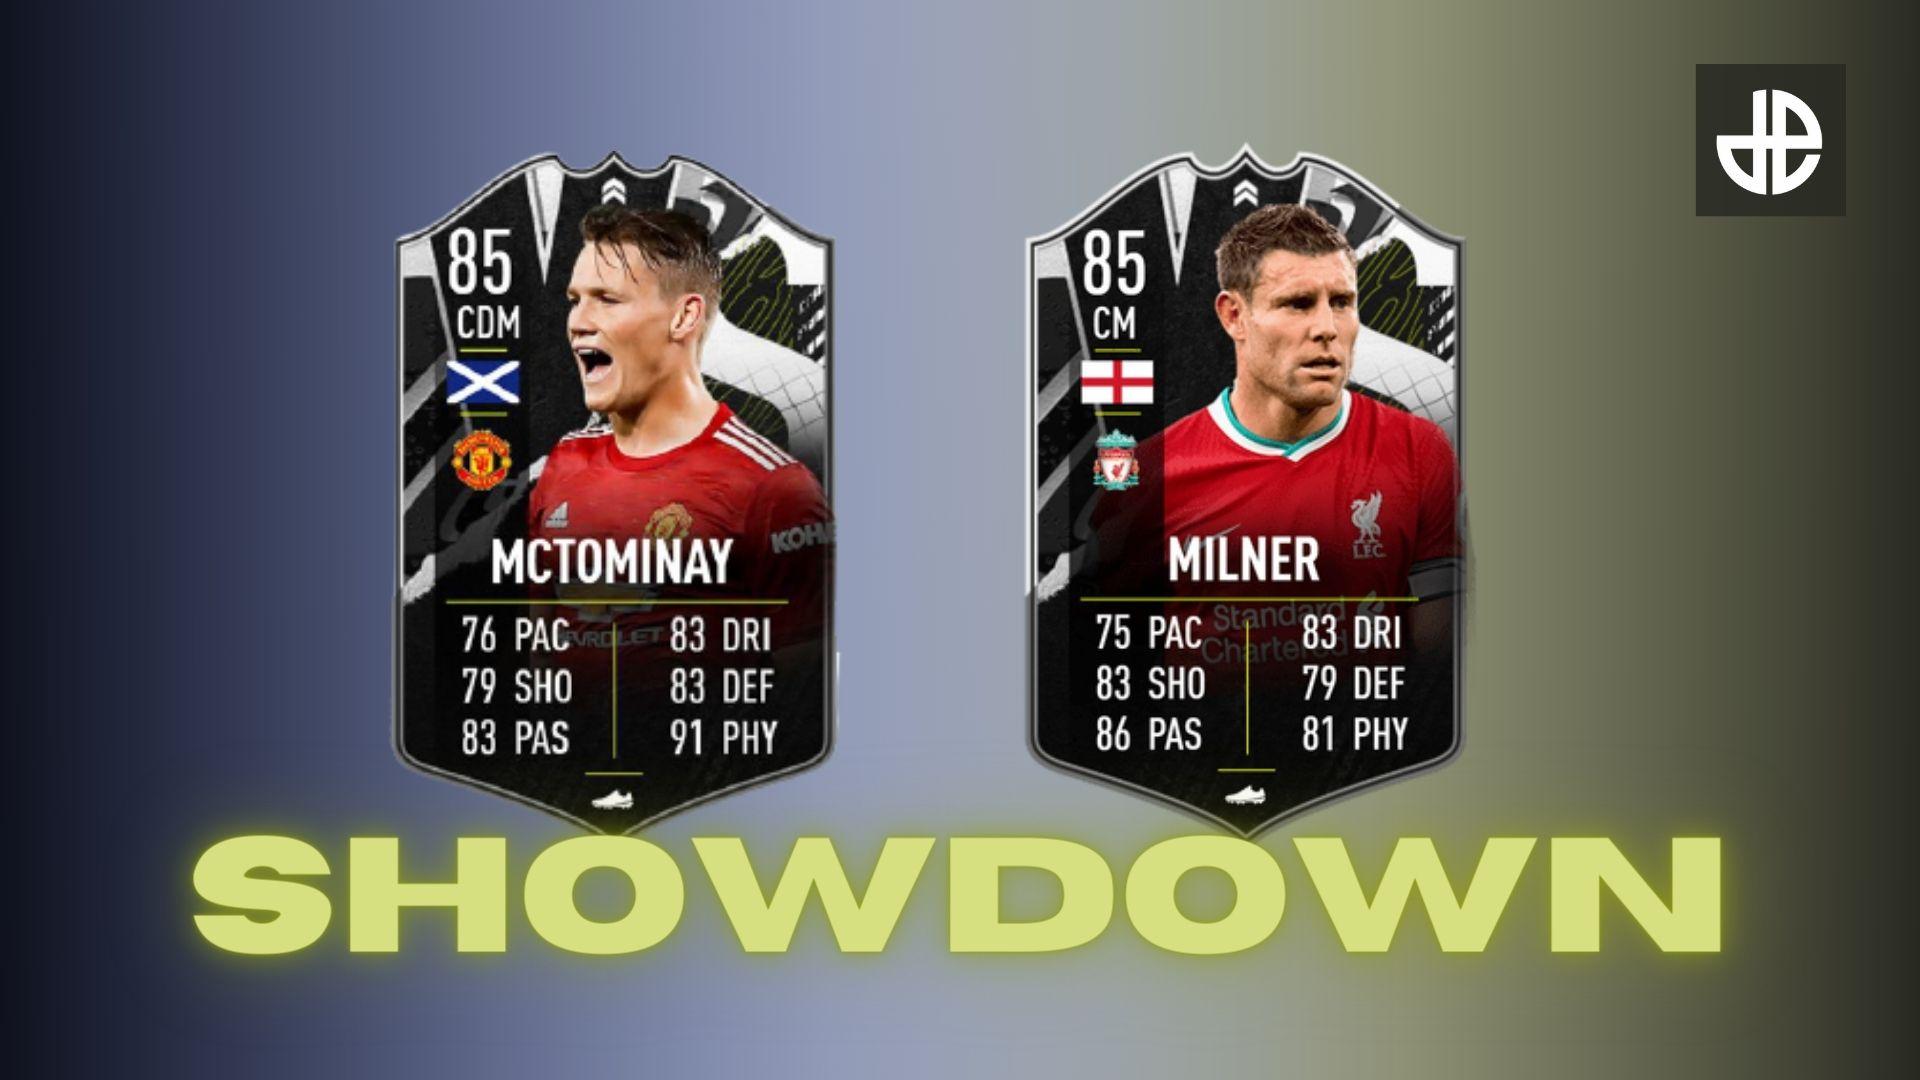 McTominay and Milner Showdown SBC FIFA 21 Header